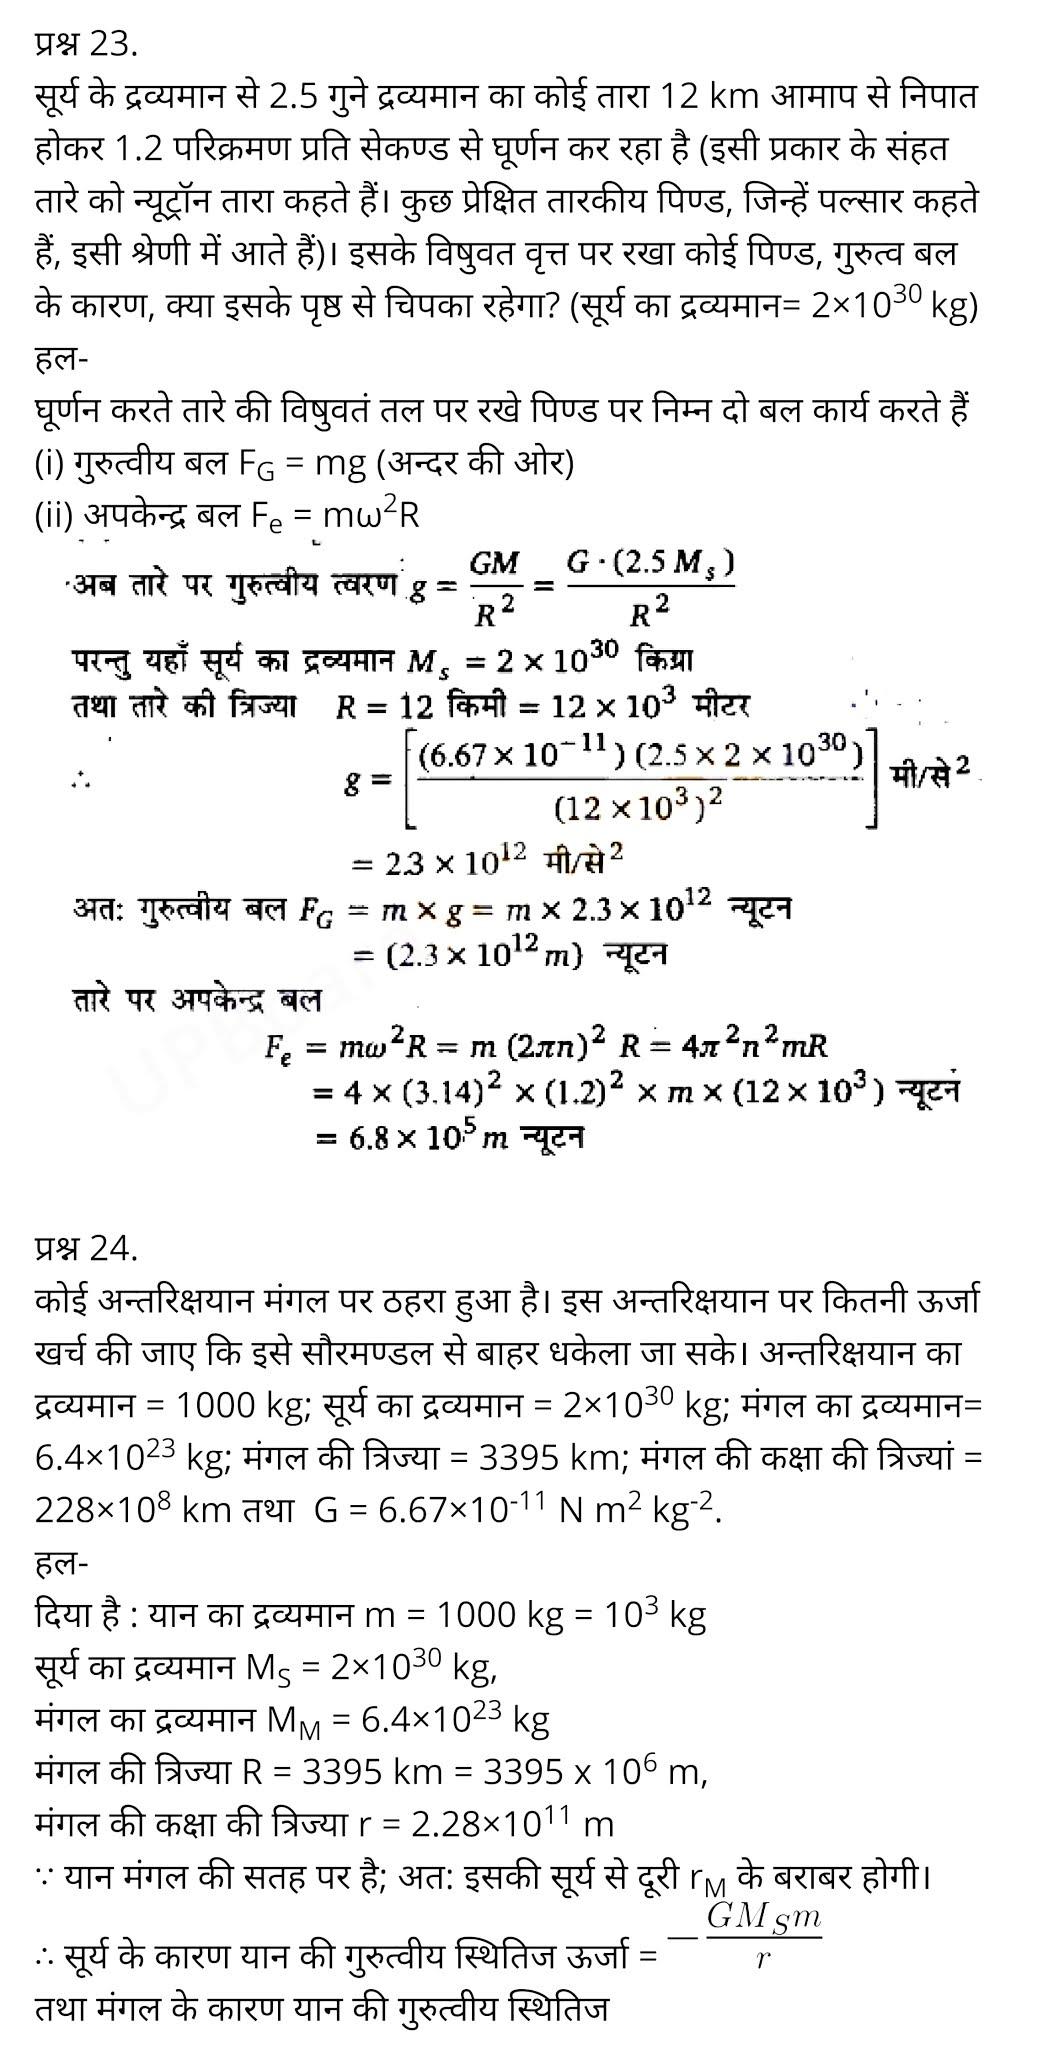 Gravitation,  what is meant by gravitation,  universal law of gravitation,  gravitational force,  gravitation physics, gravitation class 11, gravitation anime,  gravitational force examples,  gravitational constant,  गुरुत्वाकर्षण,  गुरुत्वाकर्षण बल Class 9th,  गुरुत्वाकर्षण प्रश्न उत्तर,  गुरुत्वाकर्षण नोट्स,  गुरुत्वाकर्षण नियतांक क्या है,  गुरुत्वाकर्षण क्या है,  गुरुत्वाकर्षण का सार्वत्रिक नियम क्या है,  गुरुत्वाकर्षण in English,  गुरुत्वाकर्षण Class 11,  class 11 physics Chapter 8,  class 11 physics chapter 8 ncert solutions in hindi,  class 11 physics chapter 8 notes in hindi,  class 11 physics chapter 8 question answer,  class 11 physics chapter 8 notes,  11 class physics chapter 8 in hindi,  class 11 physics chapter 8 in hindi,  class 11 physics chapter 8 important questions in hindi,  class 11 physics  notes in hindi,   class 11 physics chapter 8 test,  class 11 physics chapter 8 pdf,  class 11 physics chapter 8 notes pdf,  class 11 physics chapter 8 exercise solutions,  class 11 physics chapter 8, class 11 physics chapter 8 notes study rankers,  class 11 physics chapter 8 notes,  class 11 physics notes,   physics  class 11 notes pdf,  physics class 11 notes 2021 ncert,  physics class 11 pdf,  physics  book,  physics quiz class 11,   11th physics  book up board,  up board 11th physics notes,   कक्षा 11 भौतिक विज्ञान अध्याय 8,  कक्षा 11 भौतिक विज्ञान का अध्याय 8 ncert solution in hindi,  कक्षा 11 भौतिक विज्ञान के अध्याय 8 के नोट्स हिंदी में,  कक्षा 11 का भौतिक विज्ञान अध्याय 8 का प्रश्न उत्तर,  कक्षा 11 भौतिक विज्ञान अध्याय 8 के नोट्स,  11 कक्षा भौतिक विज्ञान अध्याय 8 हिंदी में,  कक्षा 11 भौतिक विज्ञान अध्याय 8 हिंदी में,  कक्षा 11 भौतिक विज्ञान अध्याय 8 महत्वपूर्ण प्रश्न हिंदी में,  कक्षा 11 के भौतिक विज्ञान के नोट्स हिंदी में,  भौतिक विज्ञान कक्षा 11 नोट्स pdf,  भौतिक विज्ञान कक्षा 11 नोट्स 2021 ncert,  भौतिक विज्ञान कक्षा 11 pdf,  भौतिक विज्ञान पुस्तक,  भौतिक विज्ञान की बुक,  भौतिक विज्ञान प्रश्नोत्तरी class 11, 11 वीं भौतिक विज्ञान पुस्तक up board,  बिहा